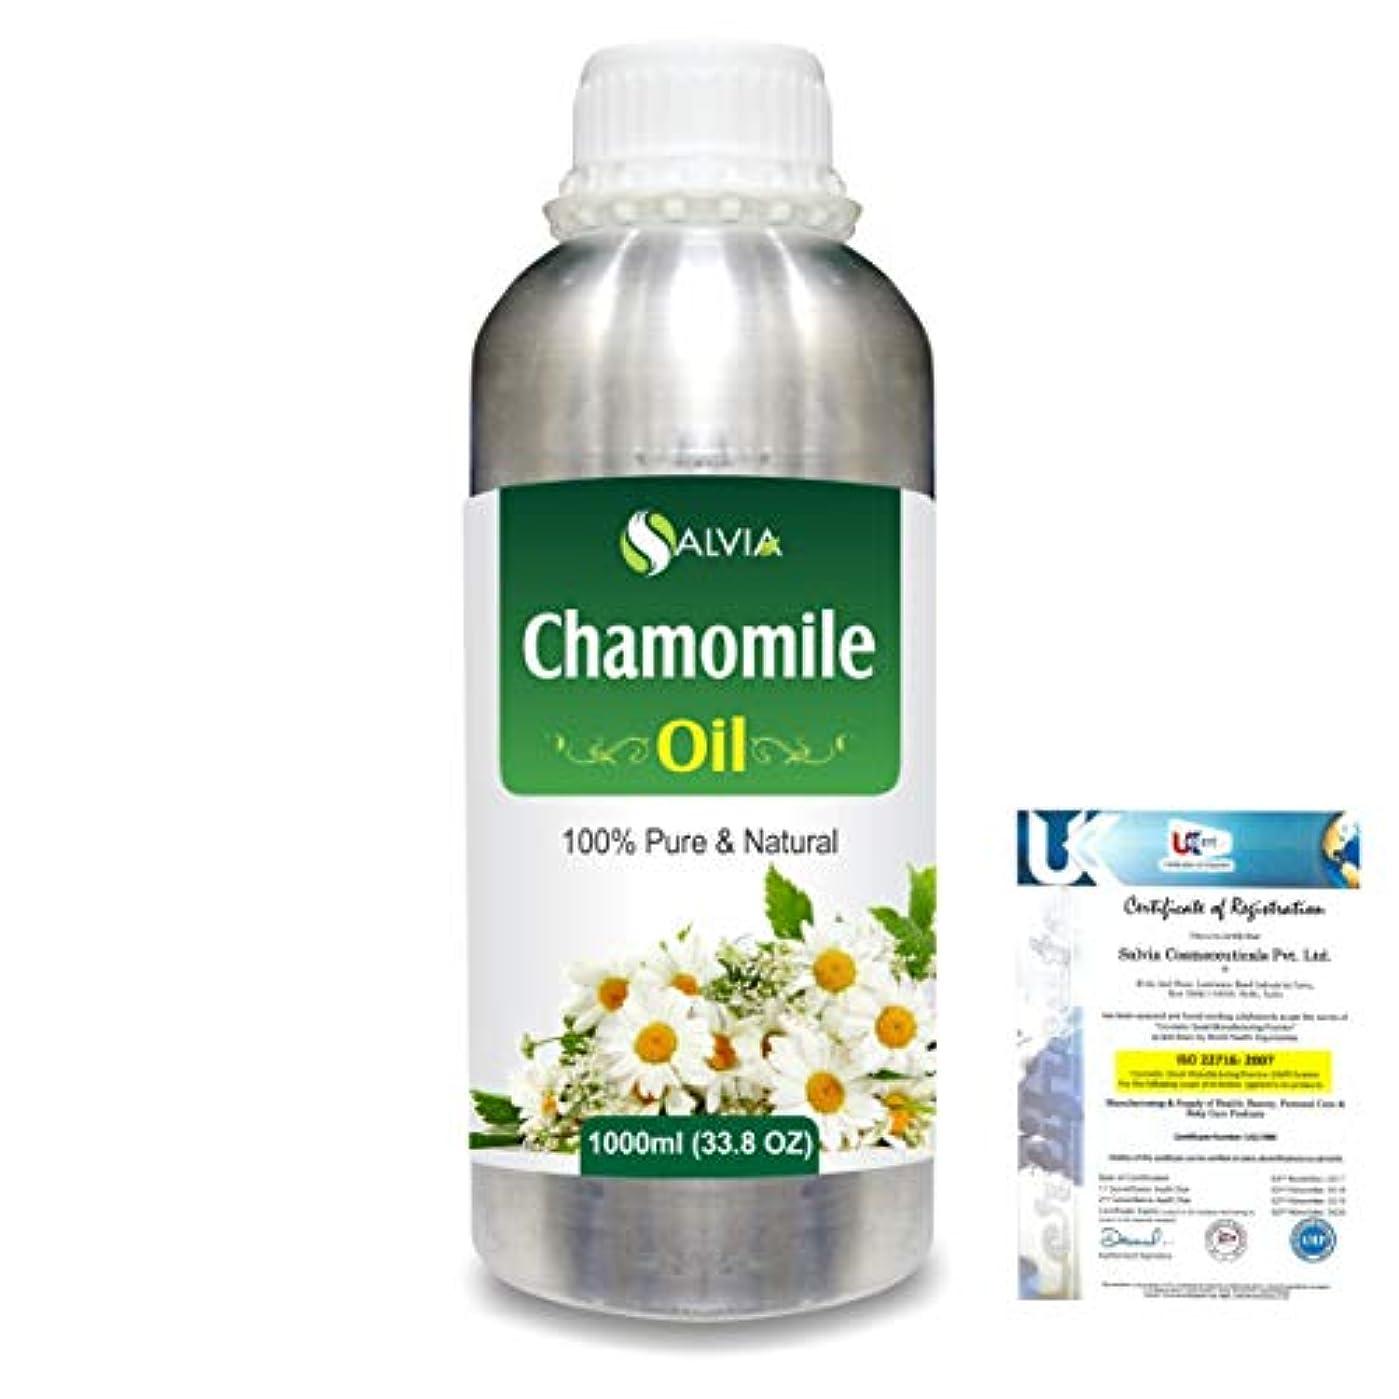 フォーマットアドバンテージすることになっているChamomile (Matricaria chamomile) 100% Natural Pure Essential Oil 1000ml/33.8fl.oz.